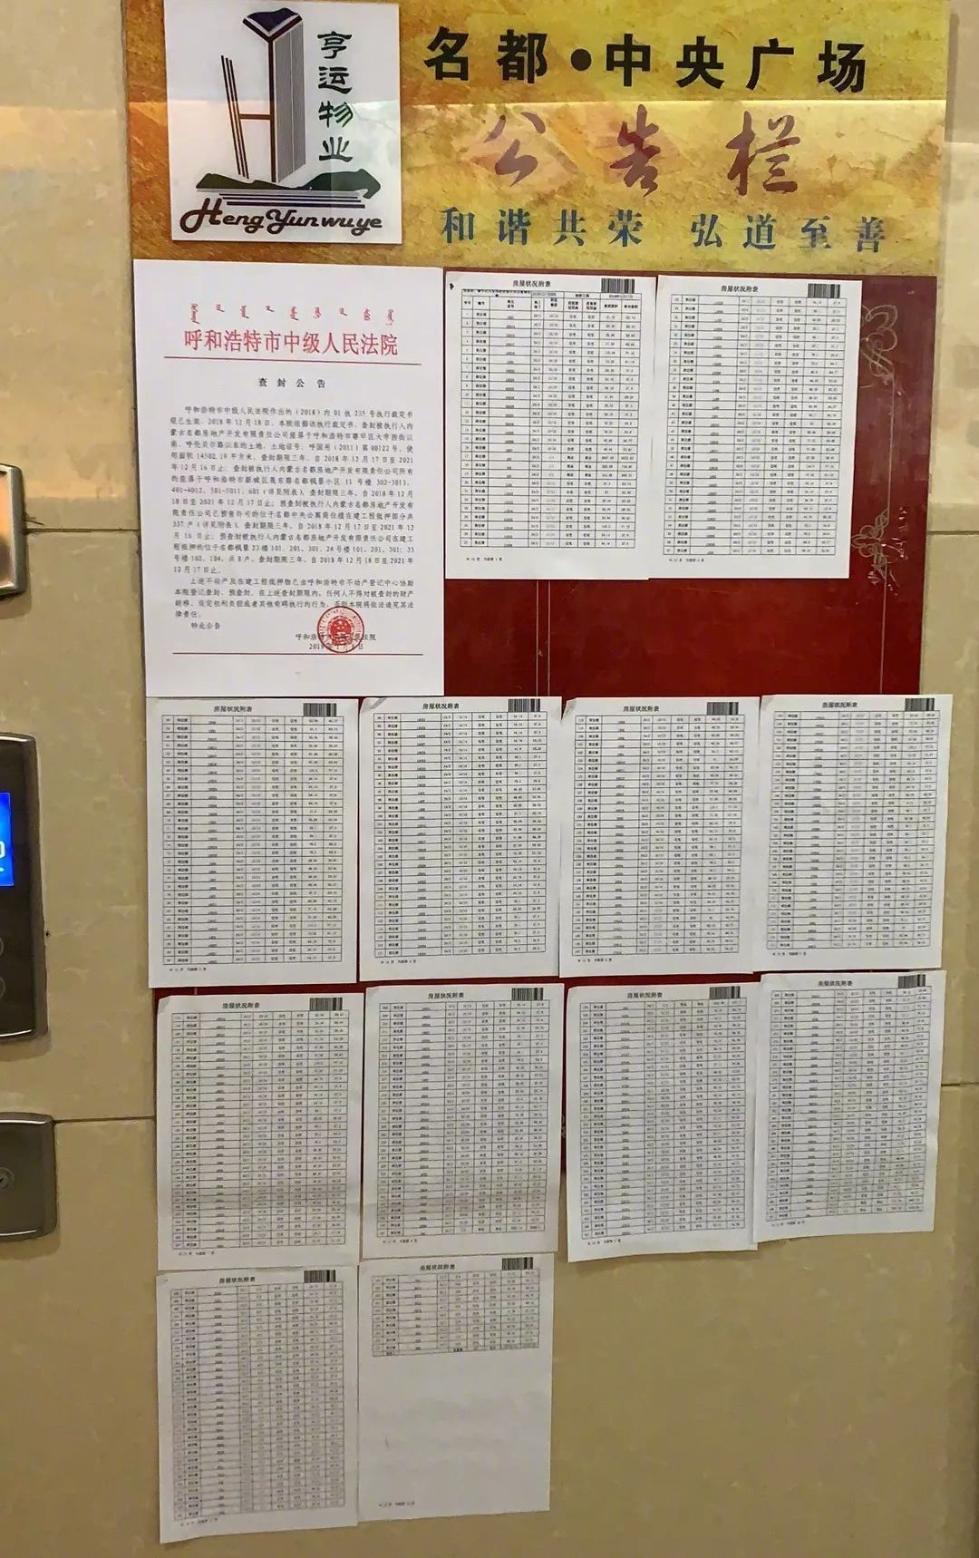 贴在名都中央广场电梯口的查封公告和房号